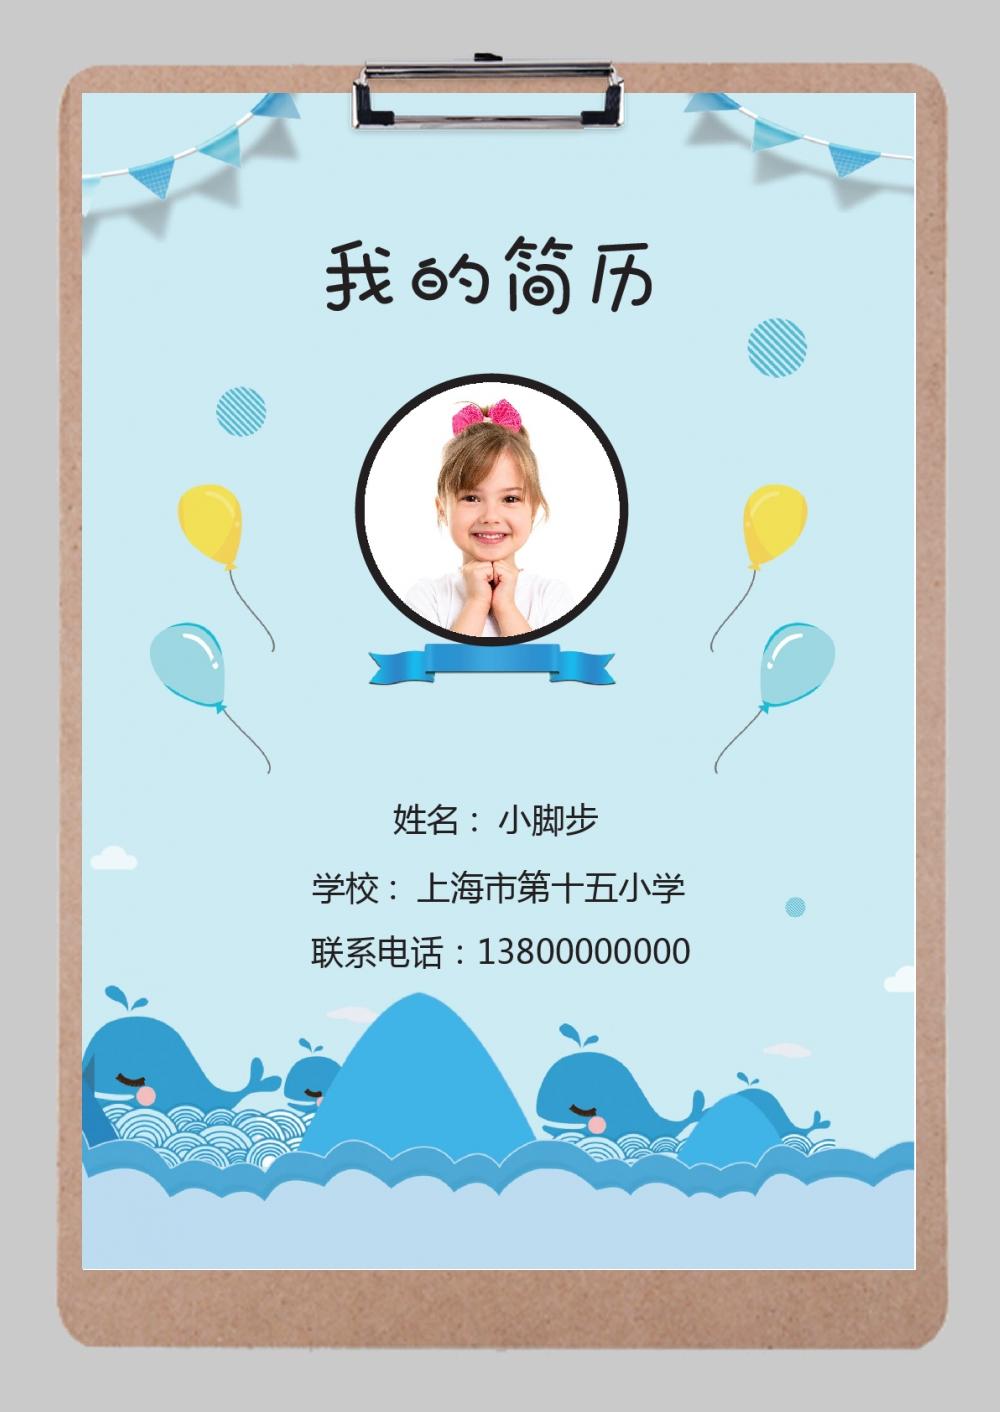 藍色鯨魚卡通小升初word簡歷模板